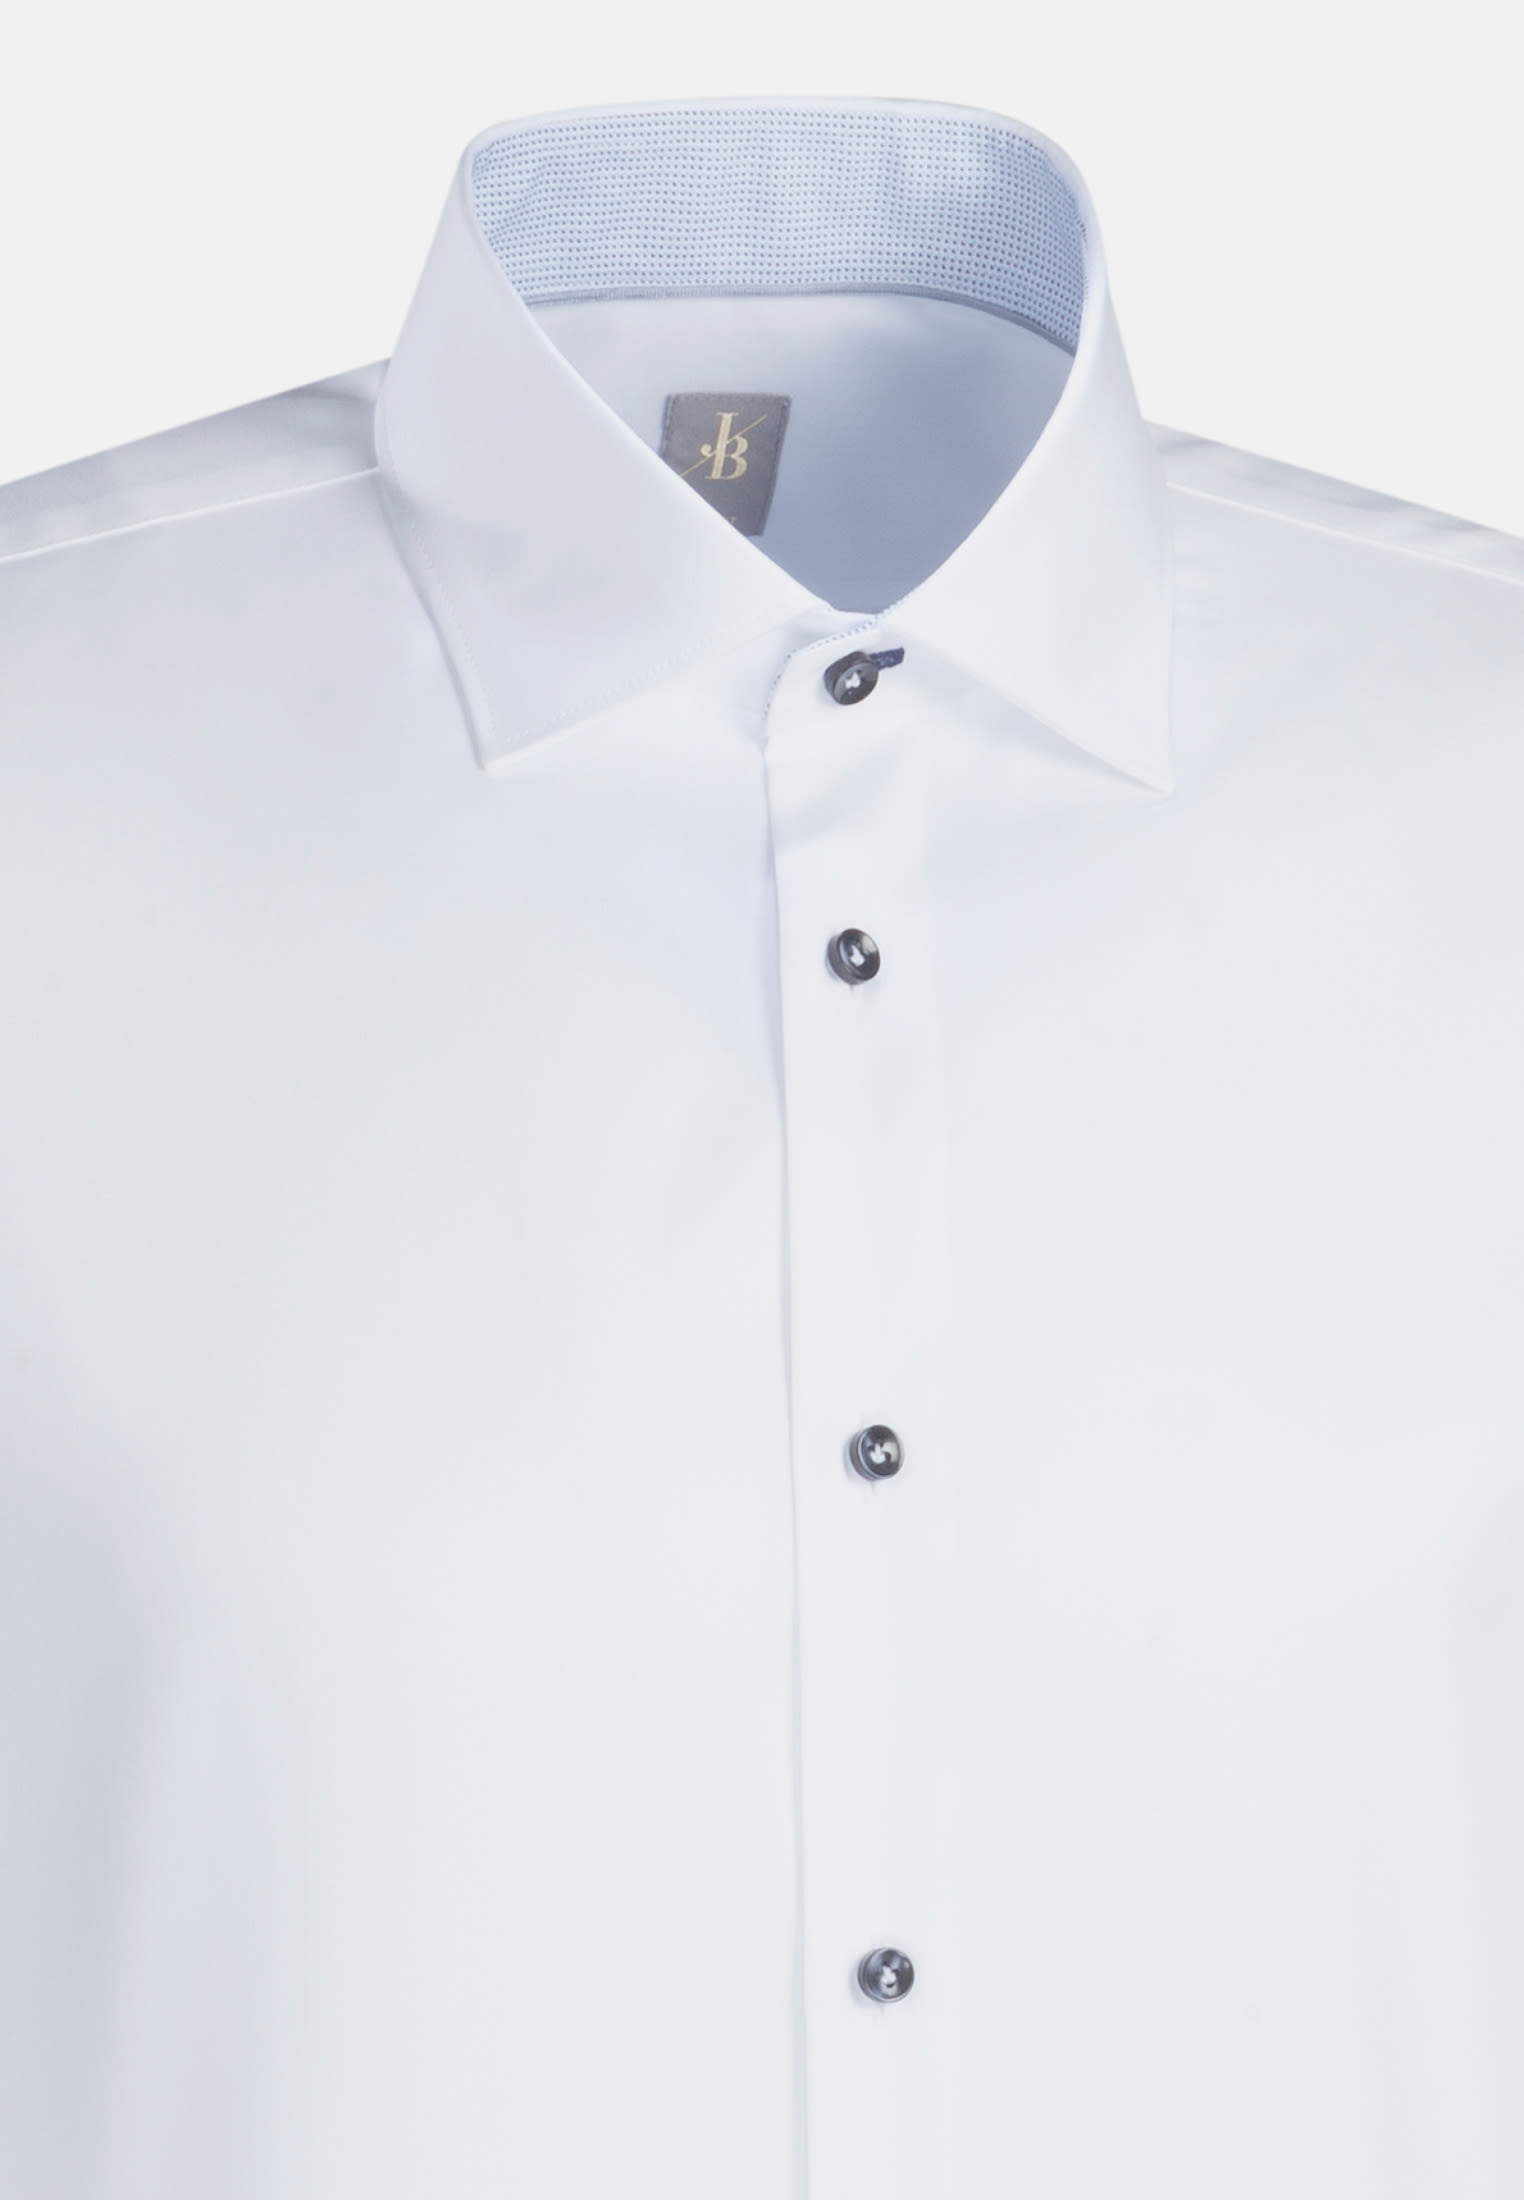 Twill Business Hemd in Slim Fit mit Kentkragen in Weiß    Jacques Britt Onlineshop